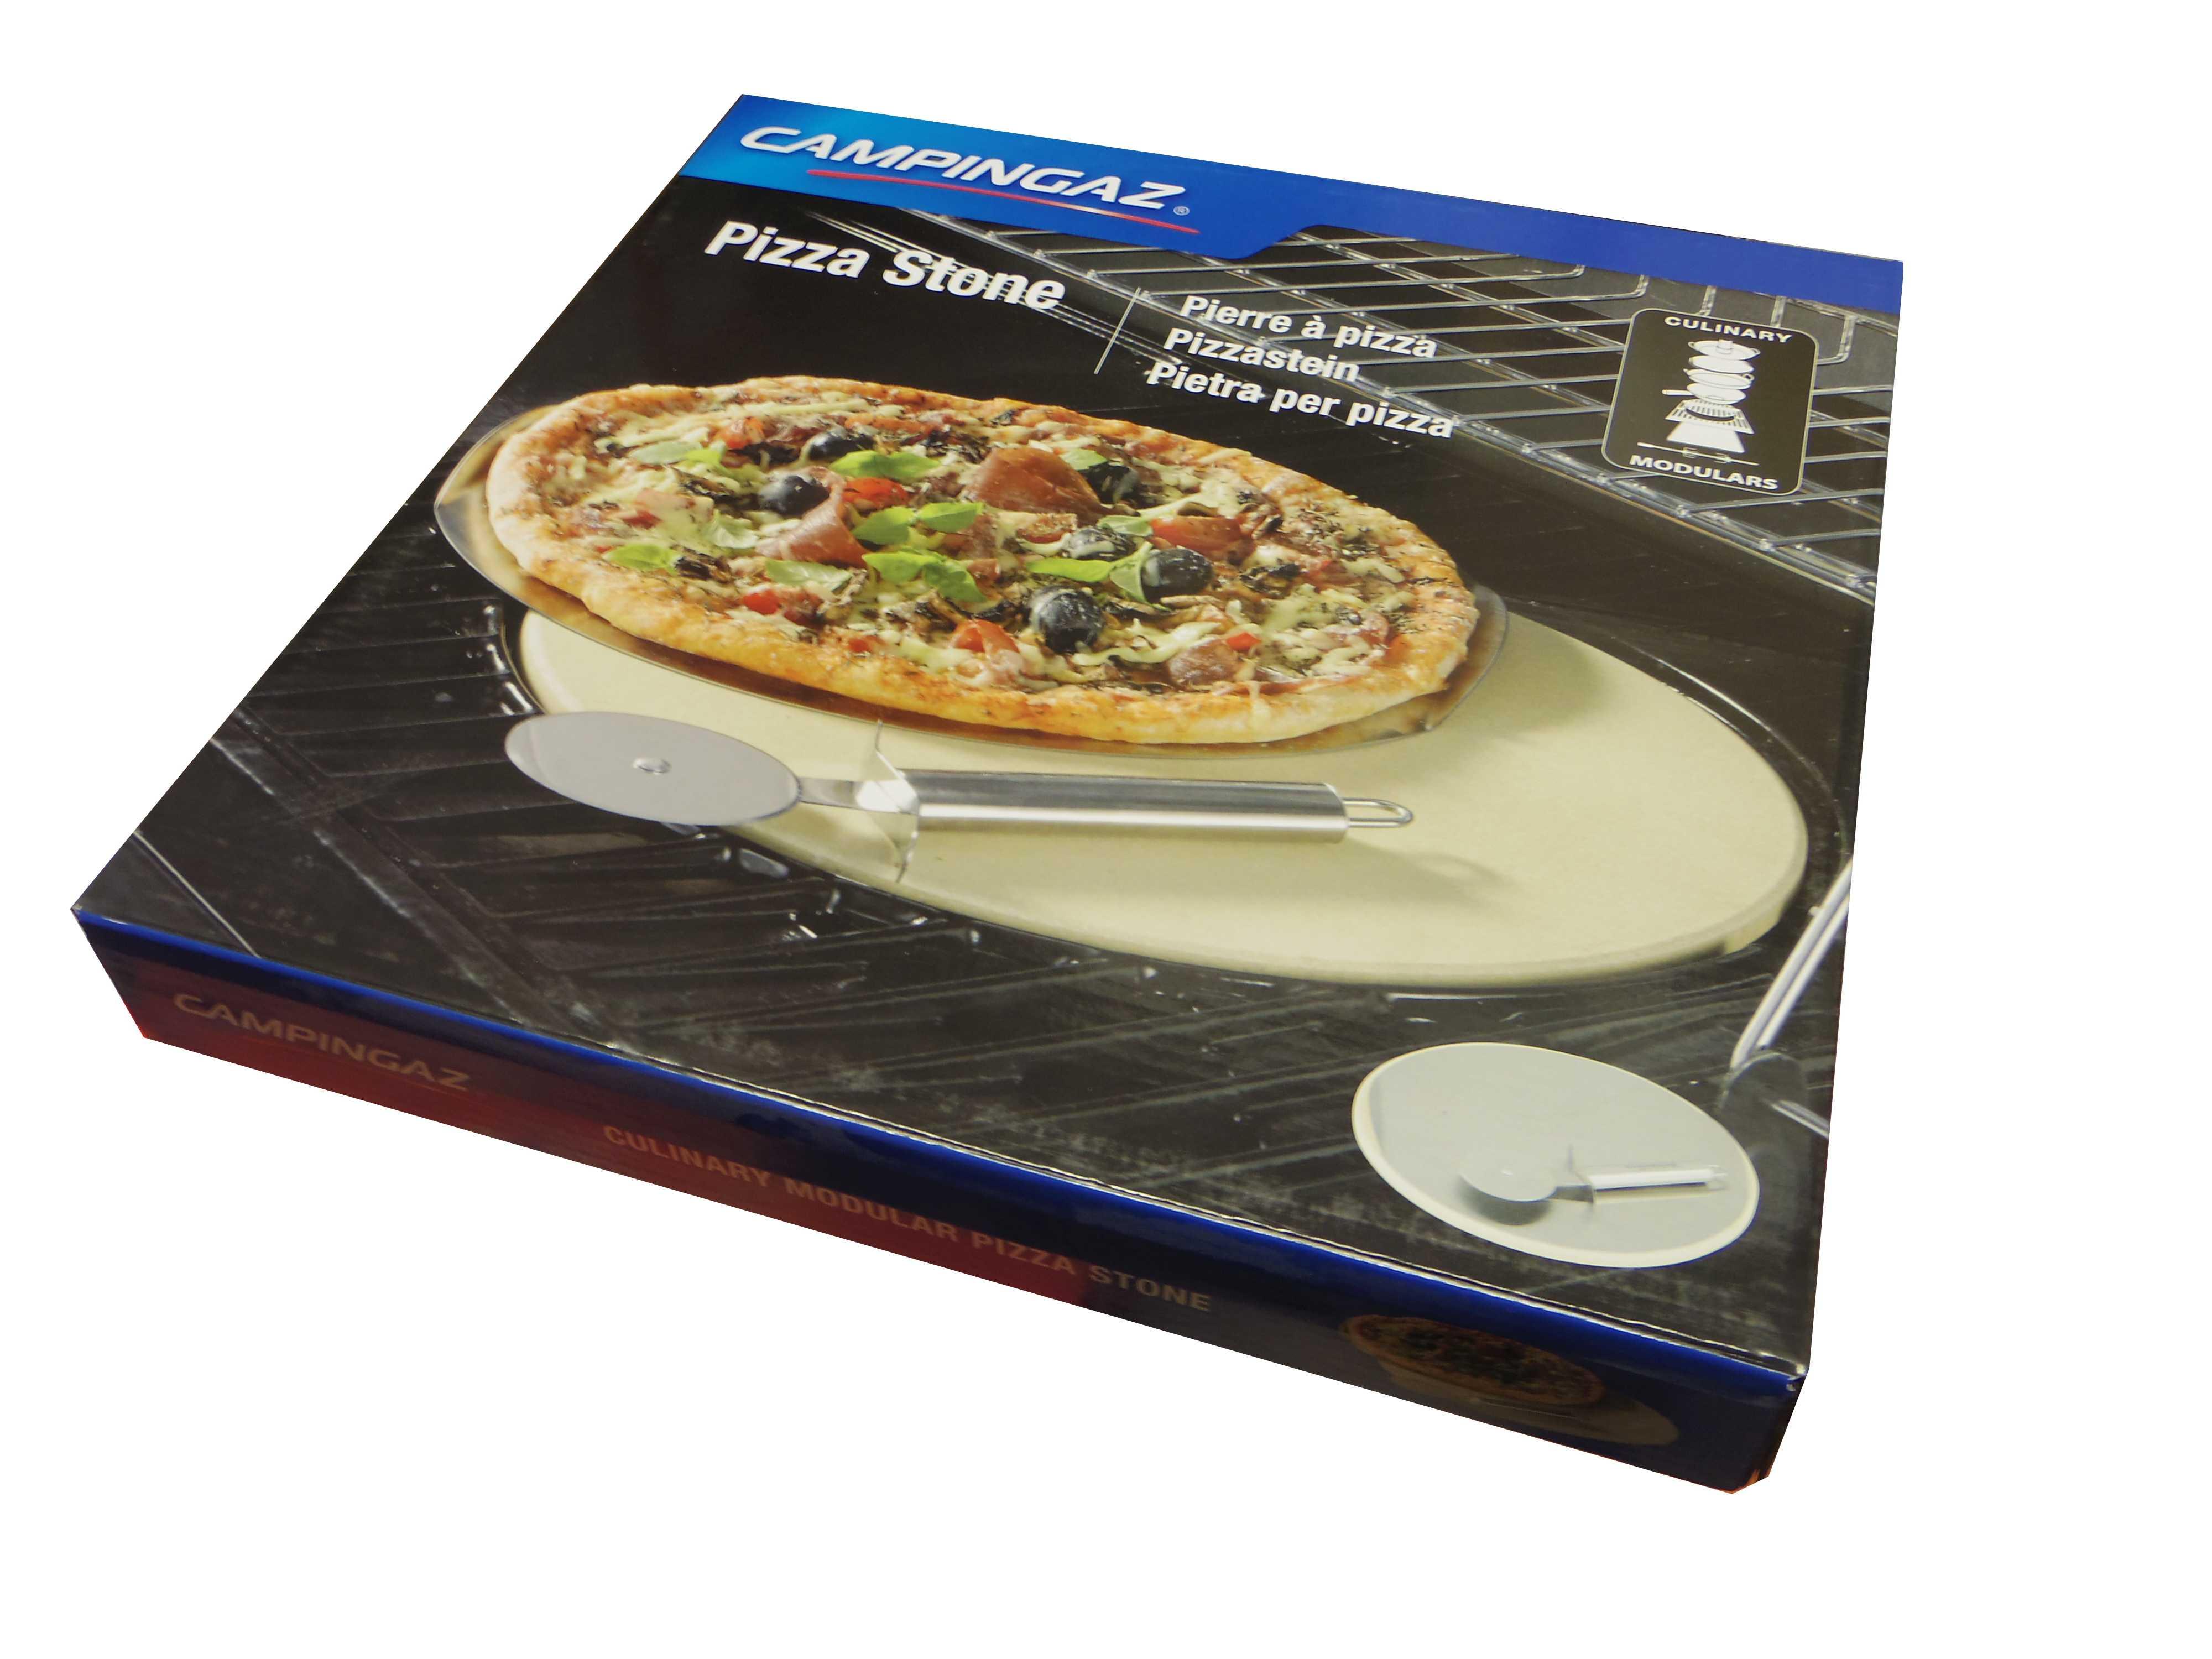 Pizzastein Für Gasgrill : Pizzastein campingaz culinary modular pizza stone